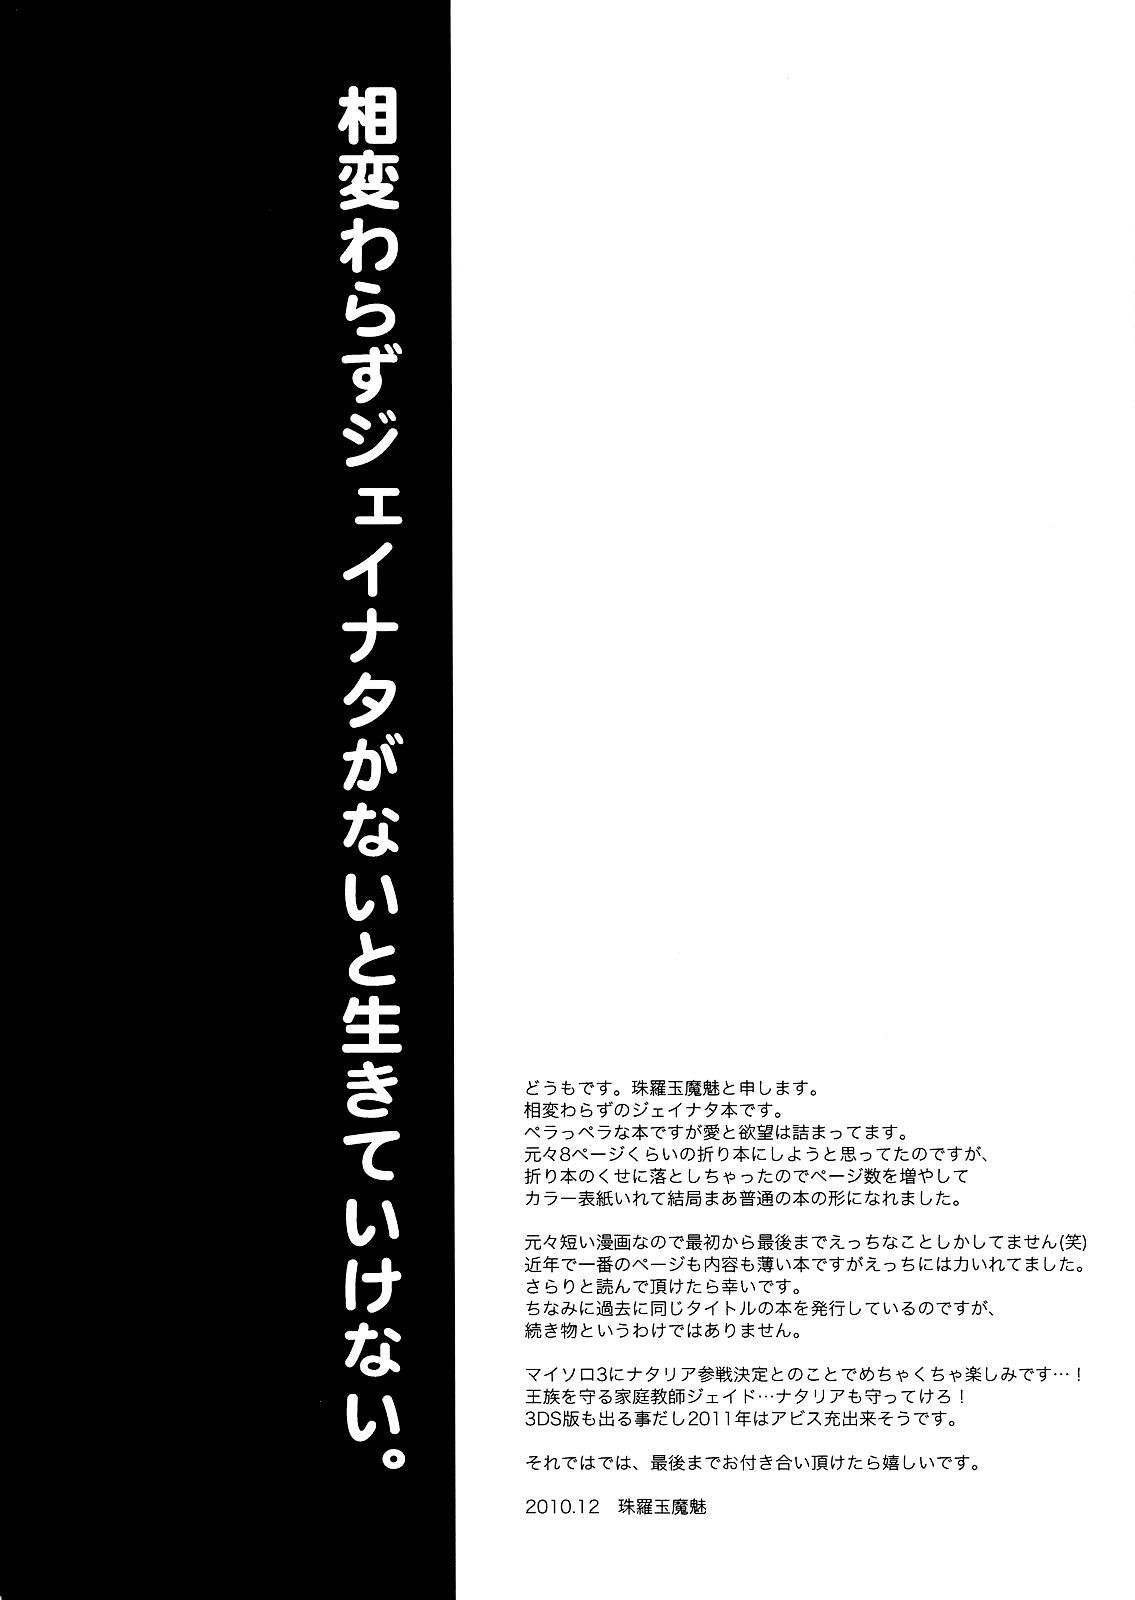 (C79) [Shinsengokuraku (Shuragyoku Mami)] NO-JN-NO-LIFE Datte Sukidakara! (Tales of the Abyss) [English] [RedJamm + Shinko] 3